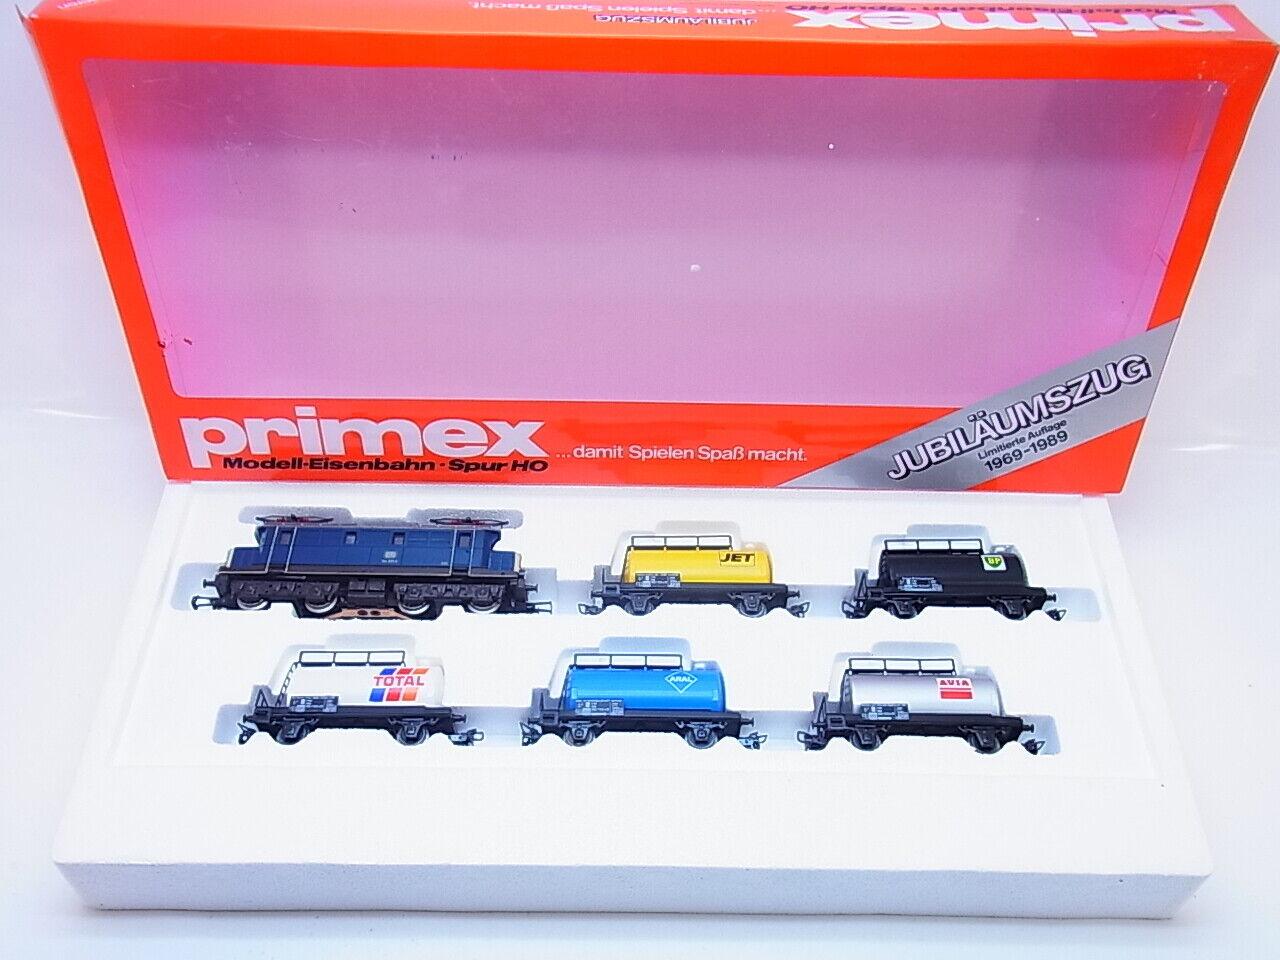 59386 59386 59386   marklin PRIMEX h0 2702 jubiläumszug 1969-1989 Ltd. 6 pezzi in scatola originale 83f19e